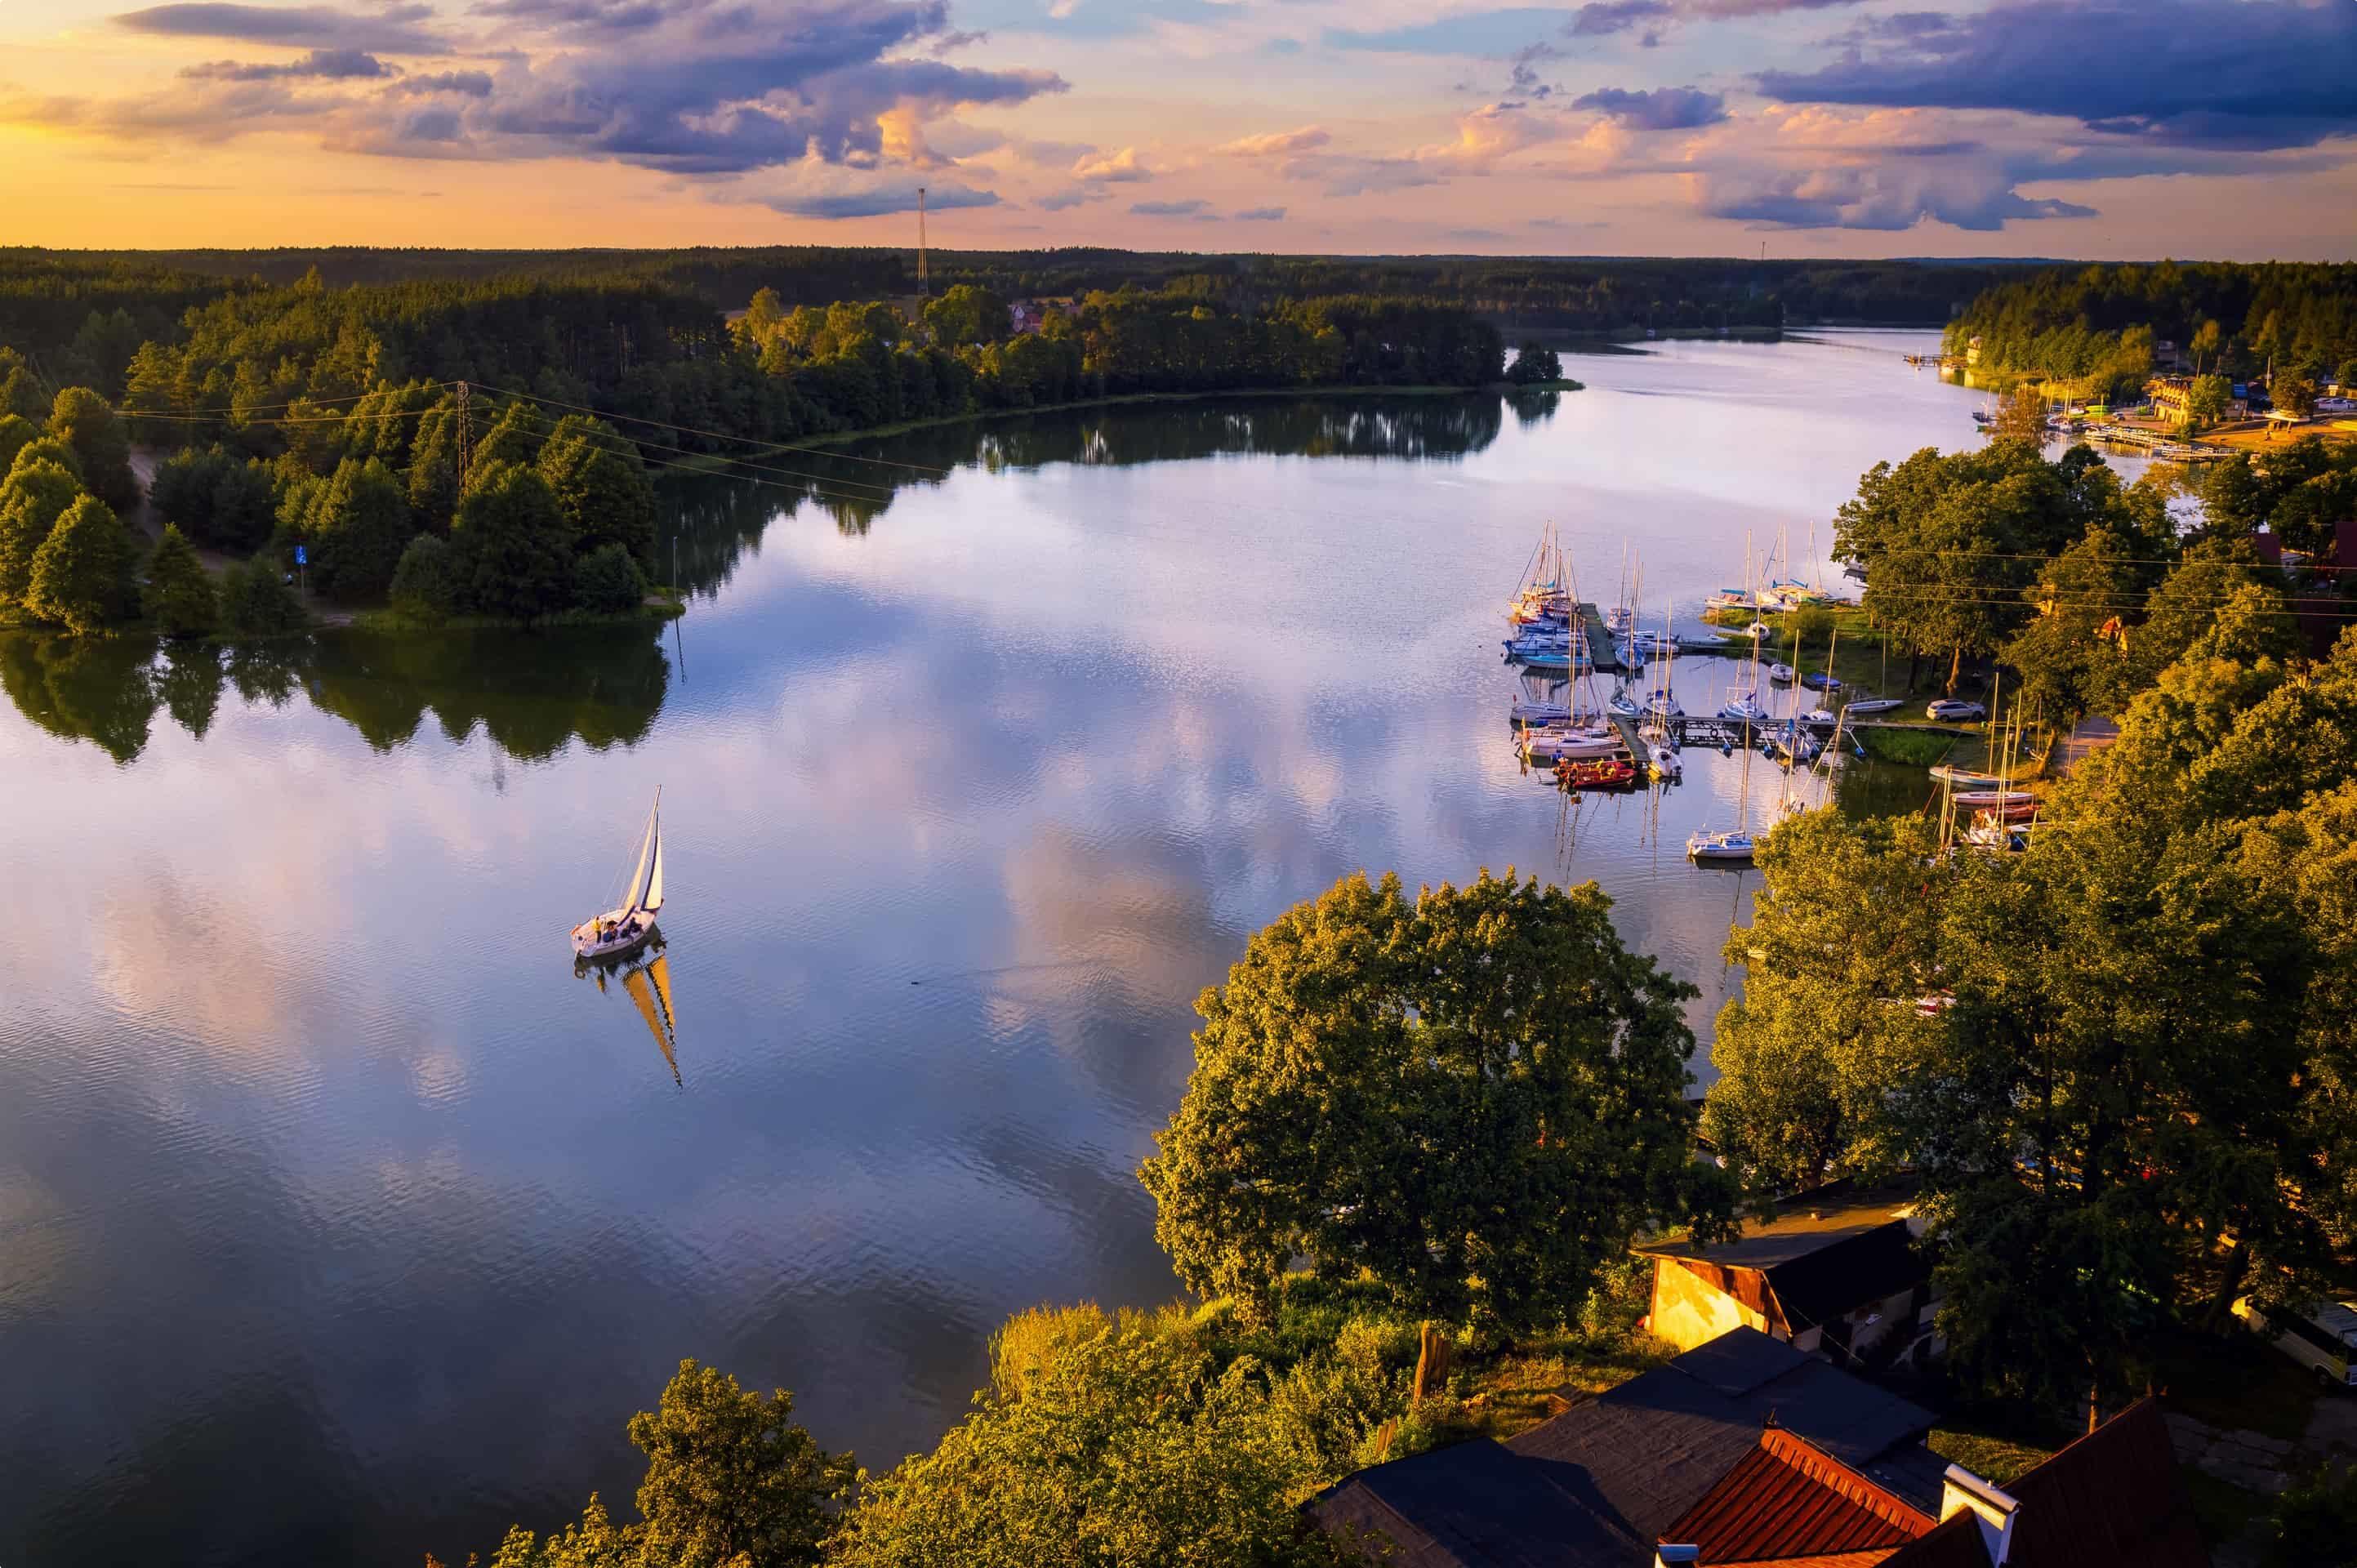 Wdzydze Lake